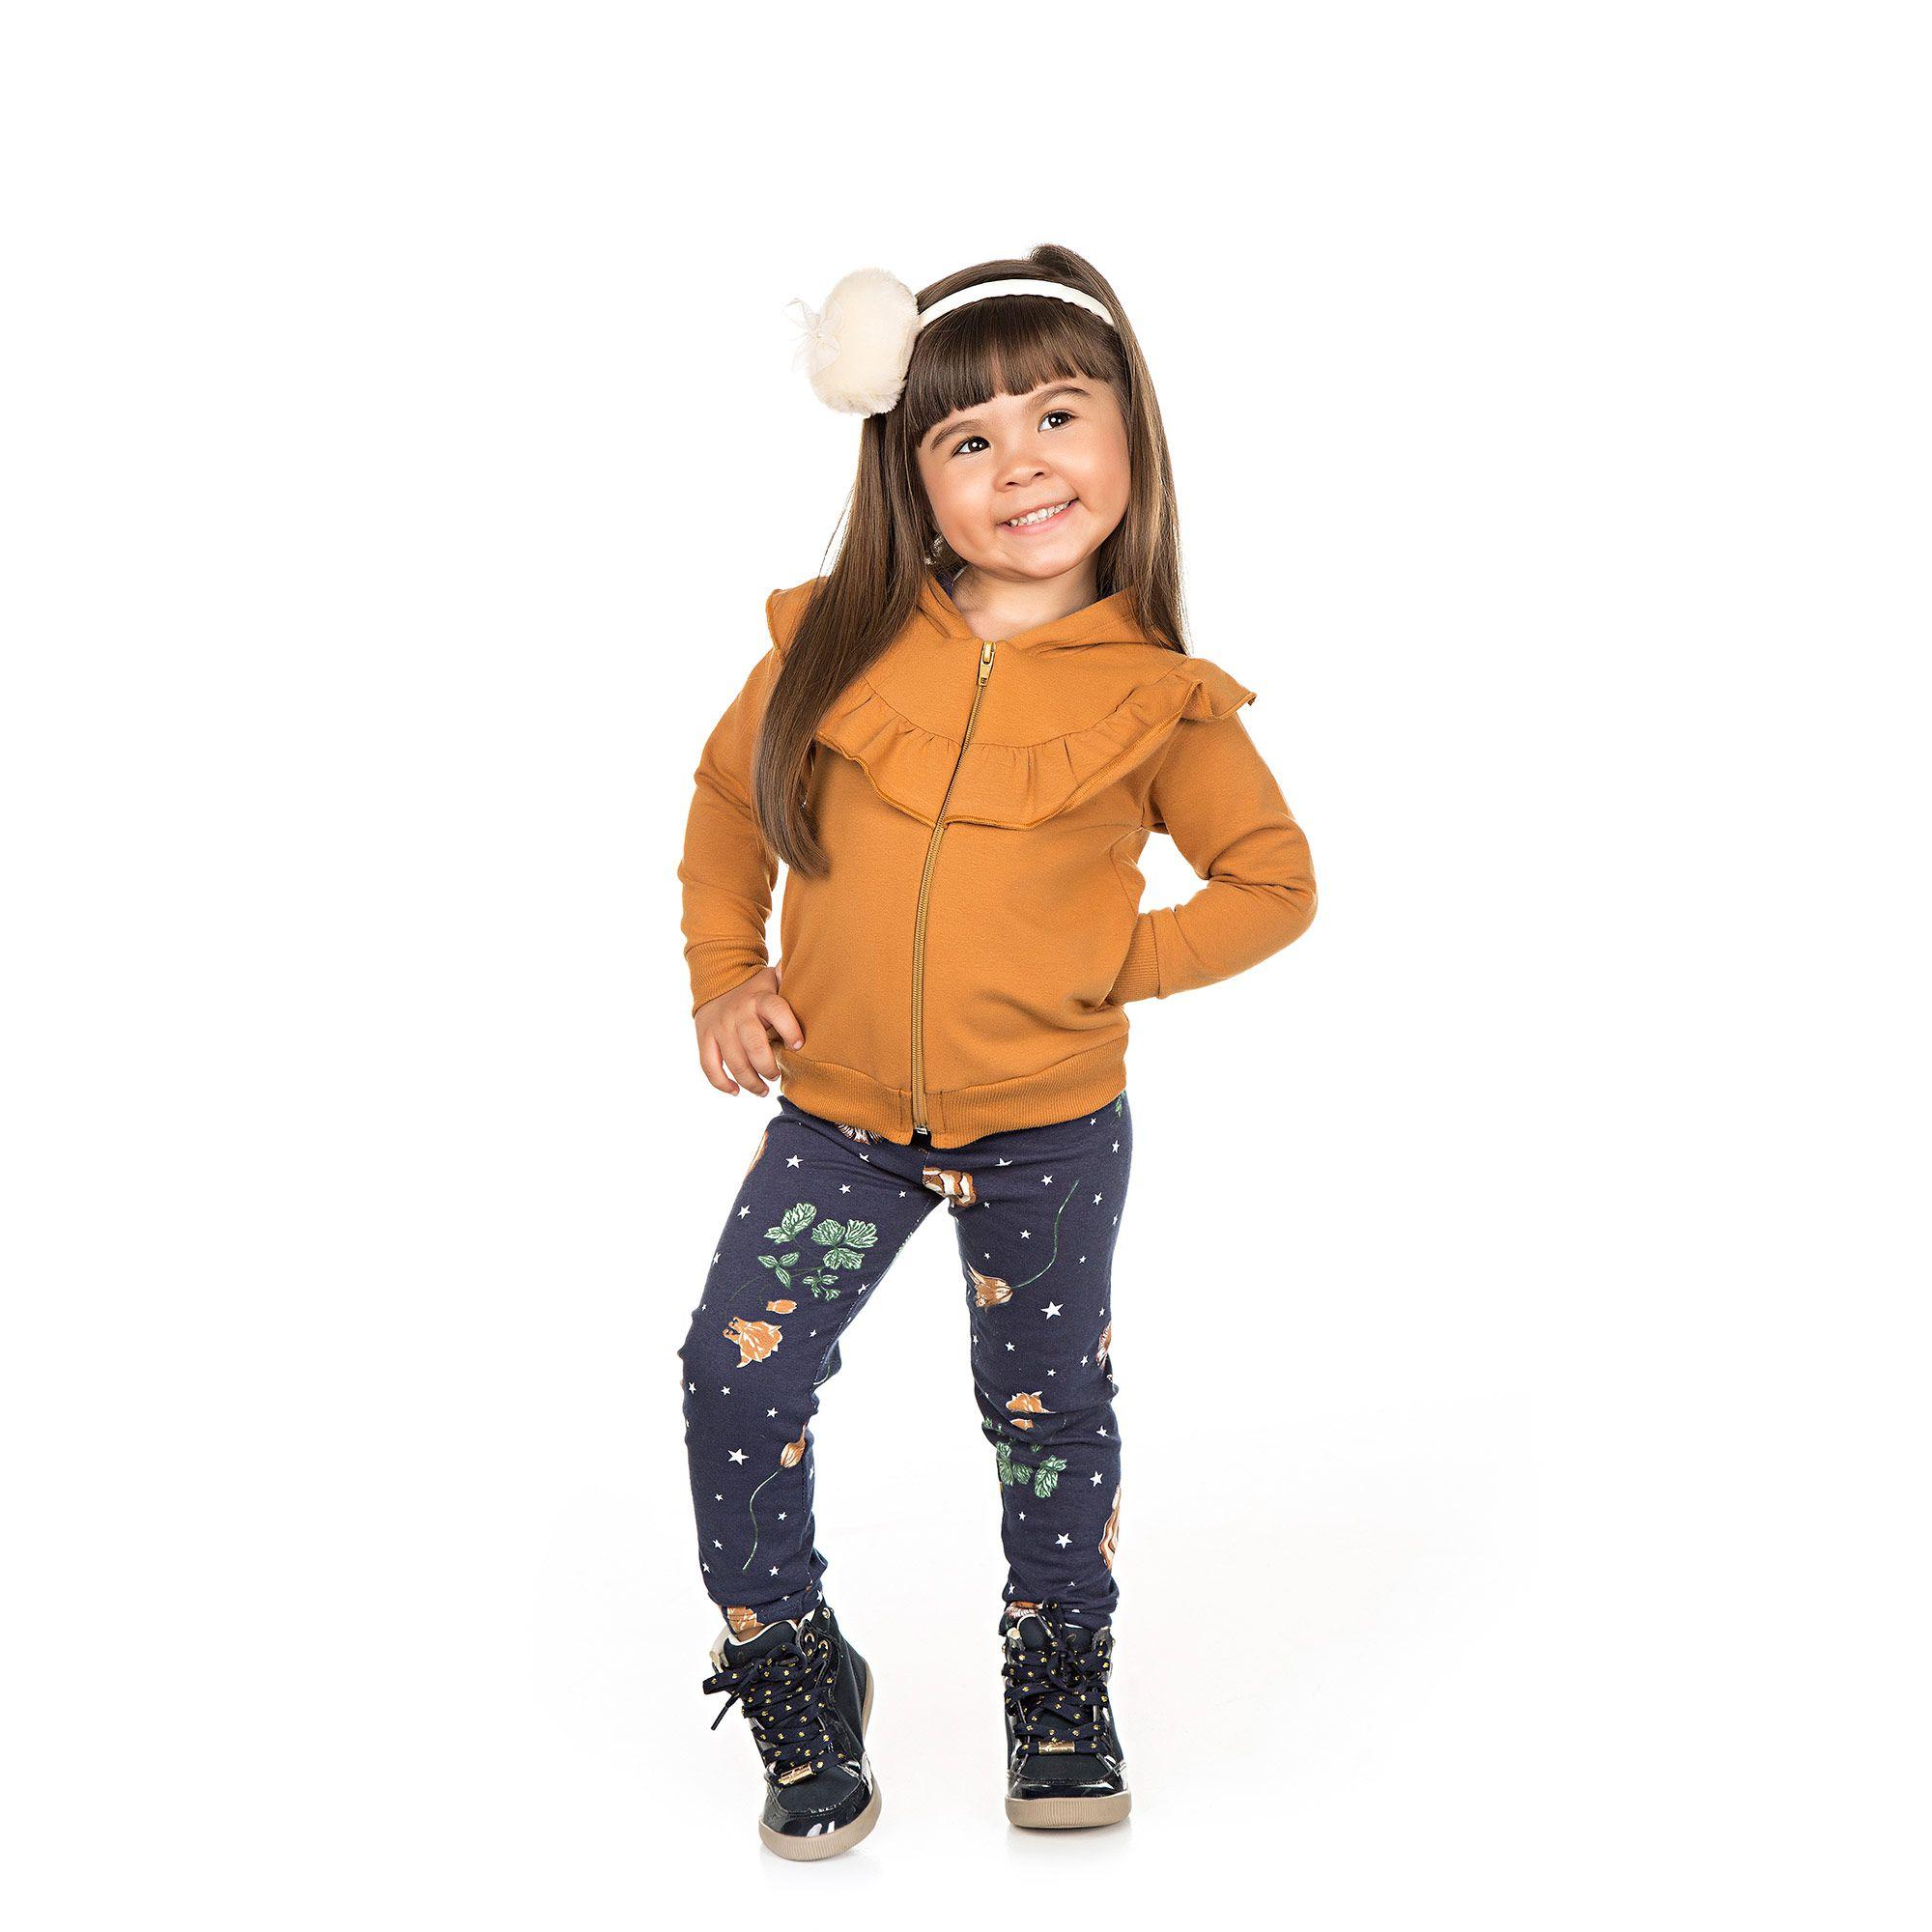 Conjunto Infantil Casaco + Legging 2 peças - Ref 4958 - Amêndoa/E22